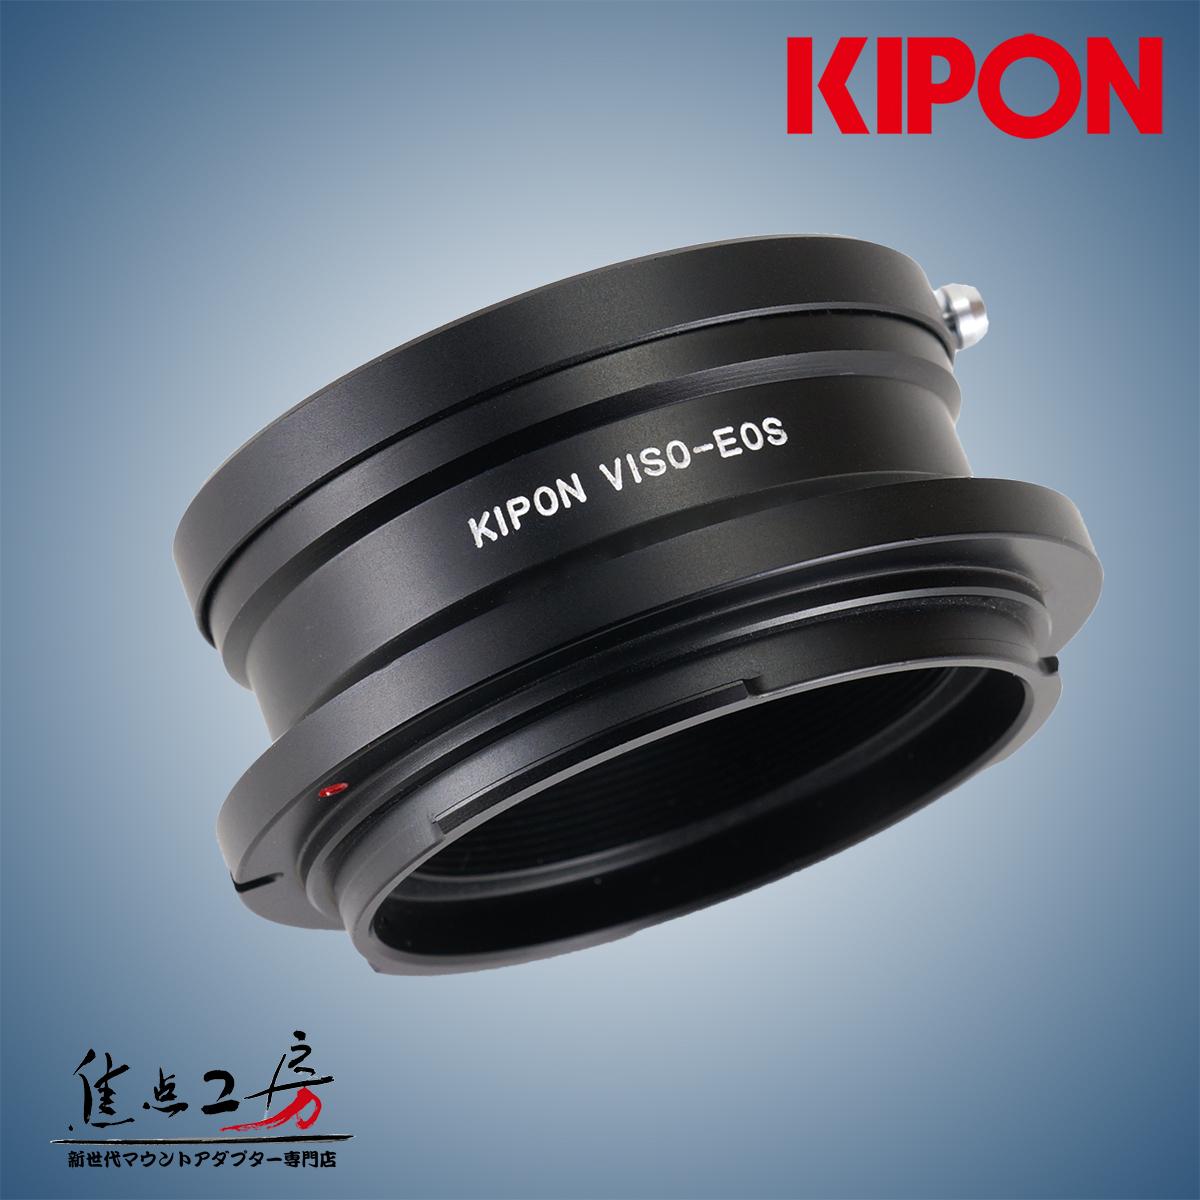 マウントアダプター KIPON VISO-EOS ライカVISOFLEX(ビゾフレックス)レンズ - キヤノンEOSマウント